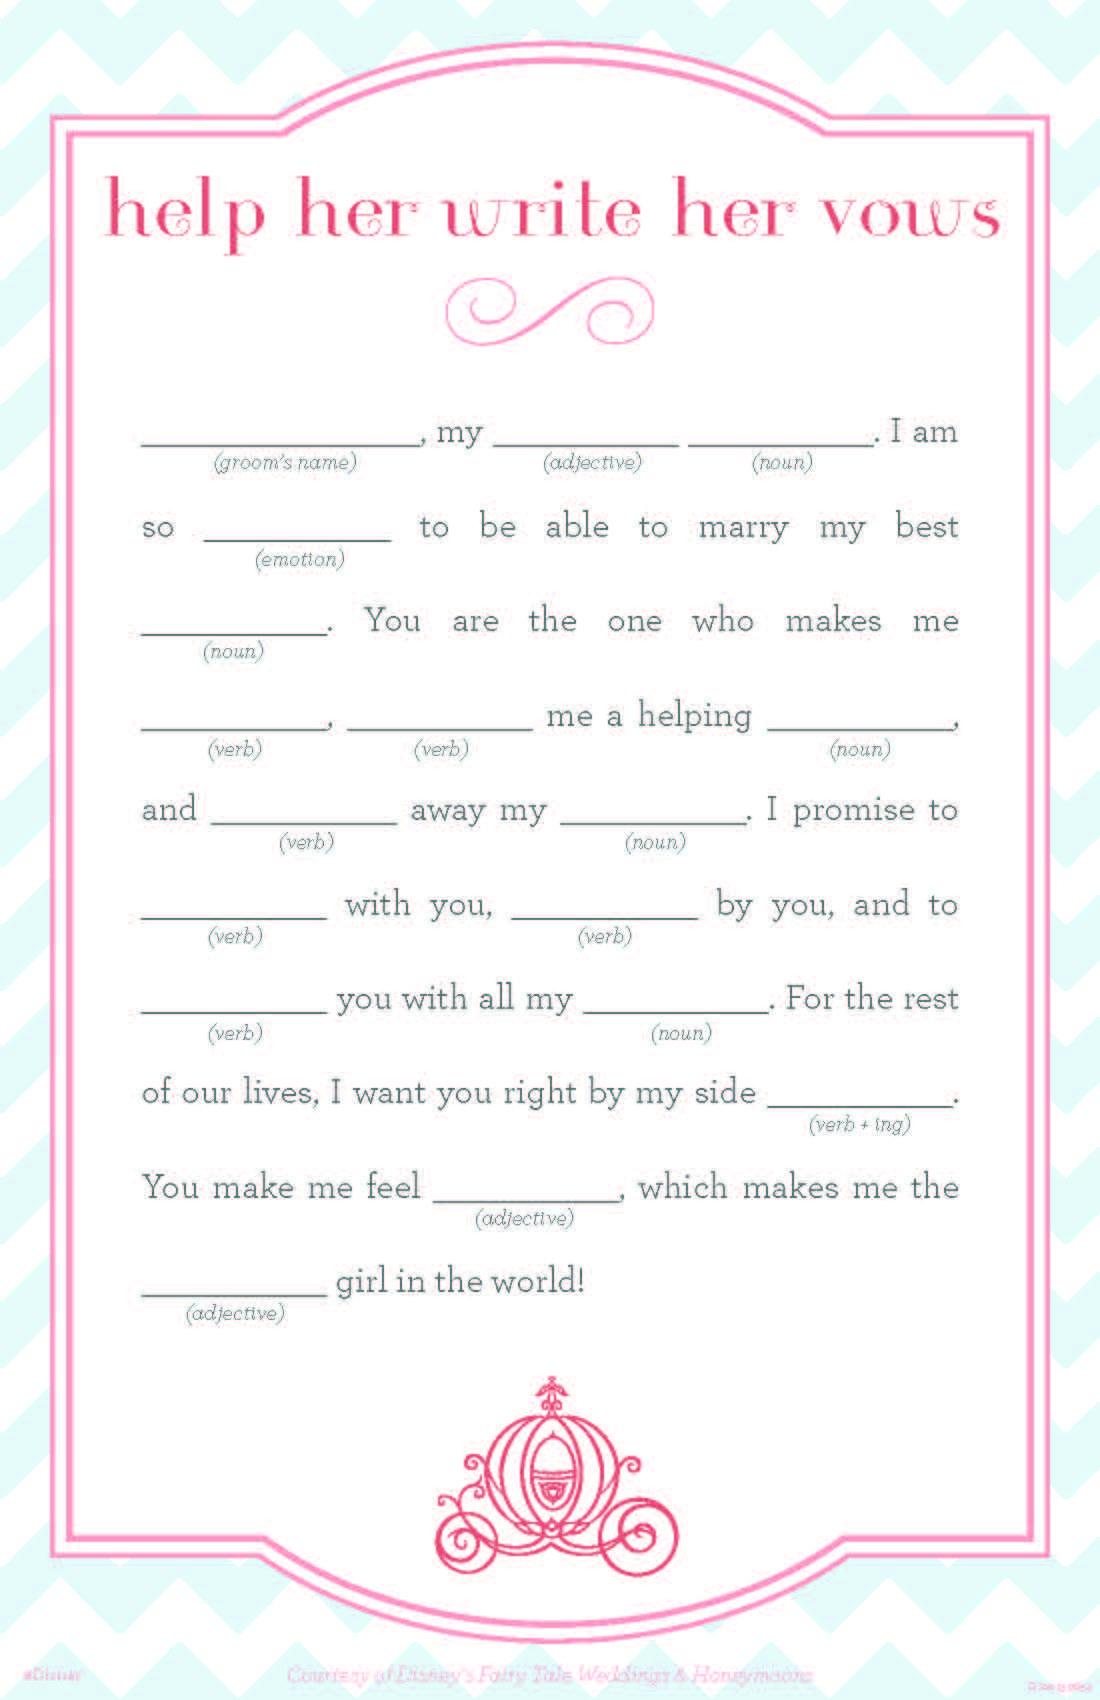 18 Fun Wedding Mad Libs | Kittybabylove - Free Printable Wedding Mad Libs